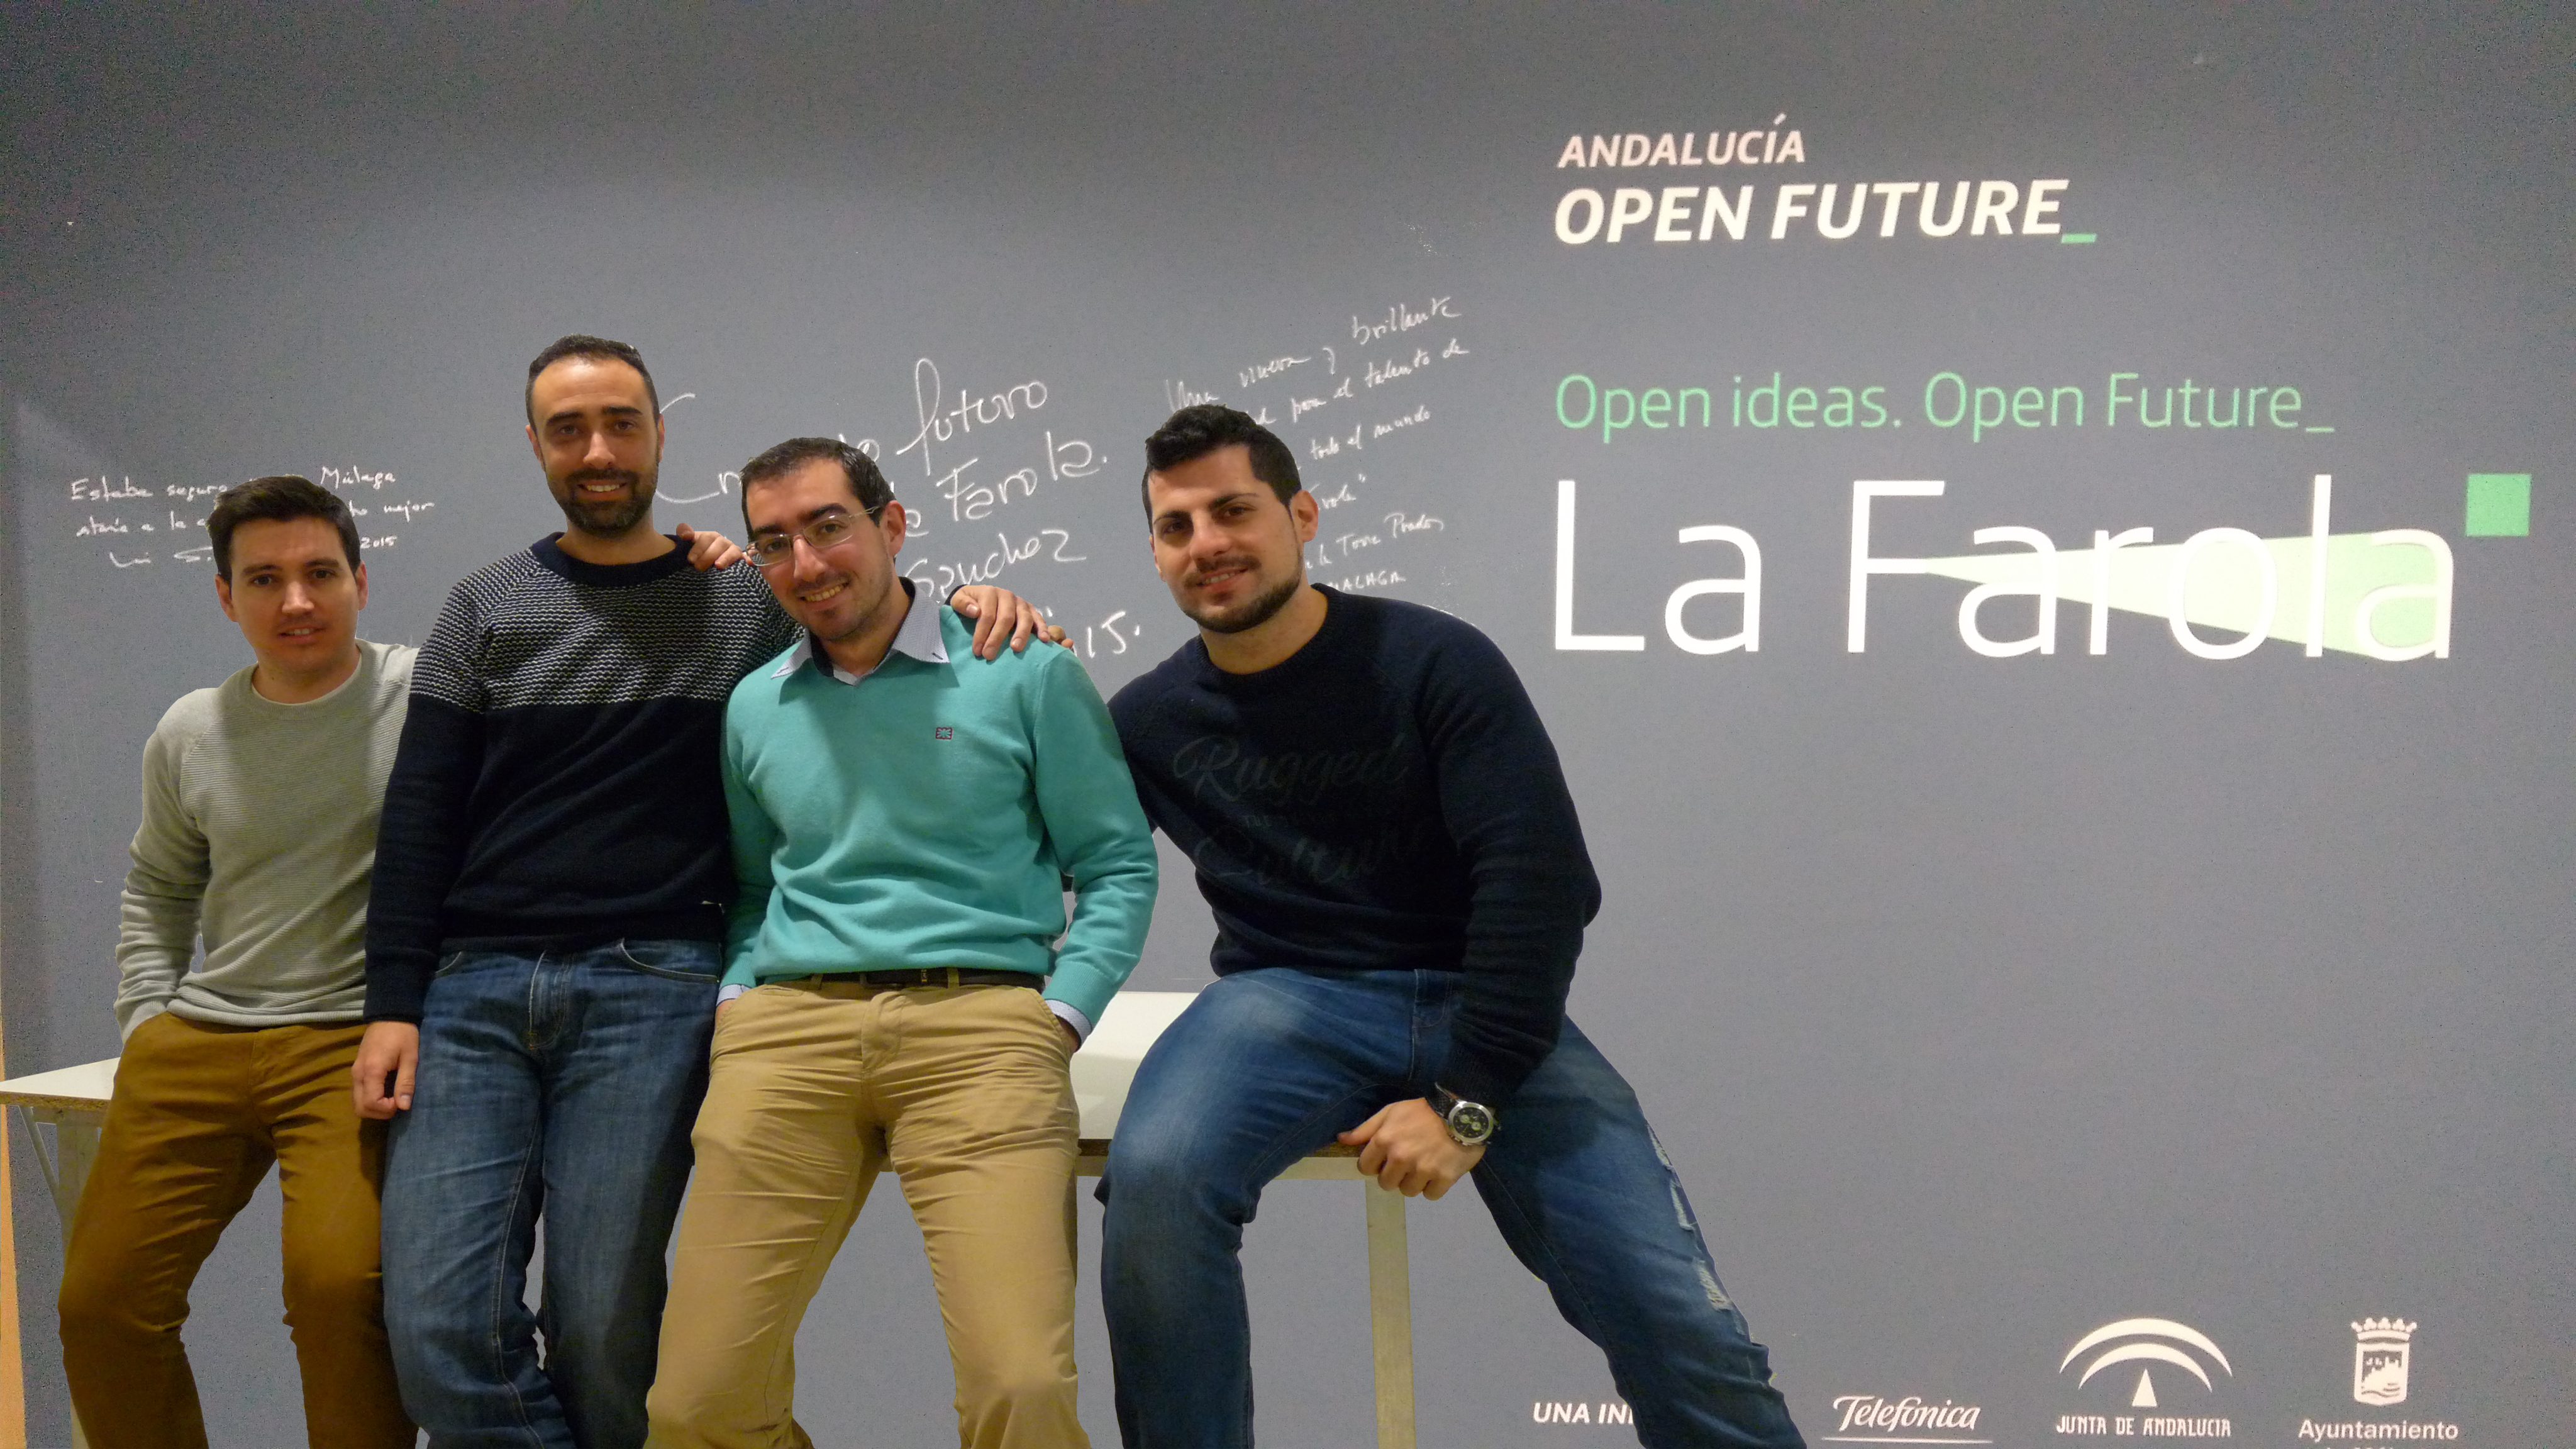 Aedifico - startup acelerada en La Farola de Andalucía Open Future